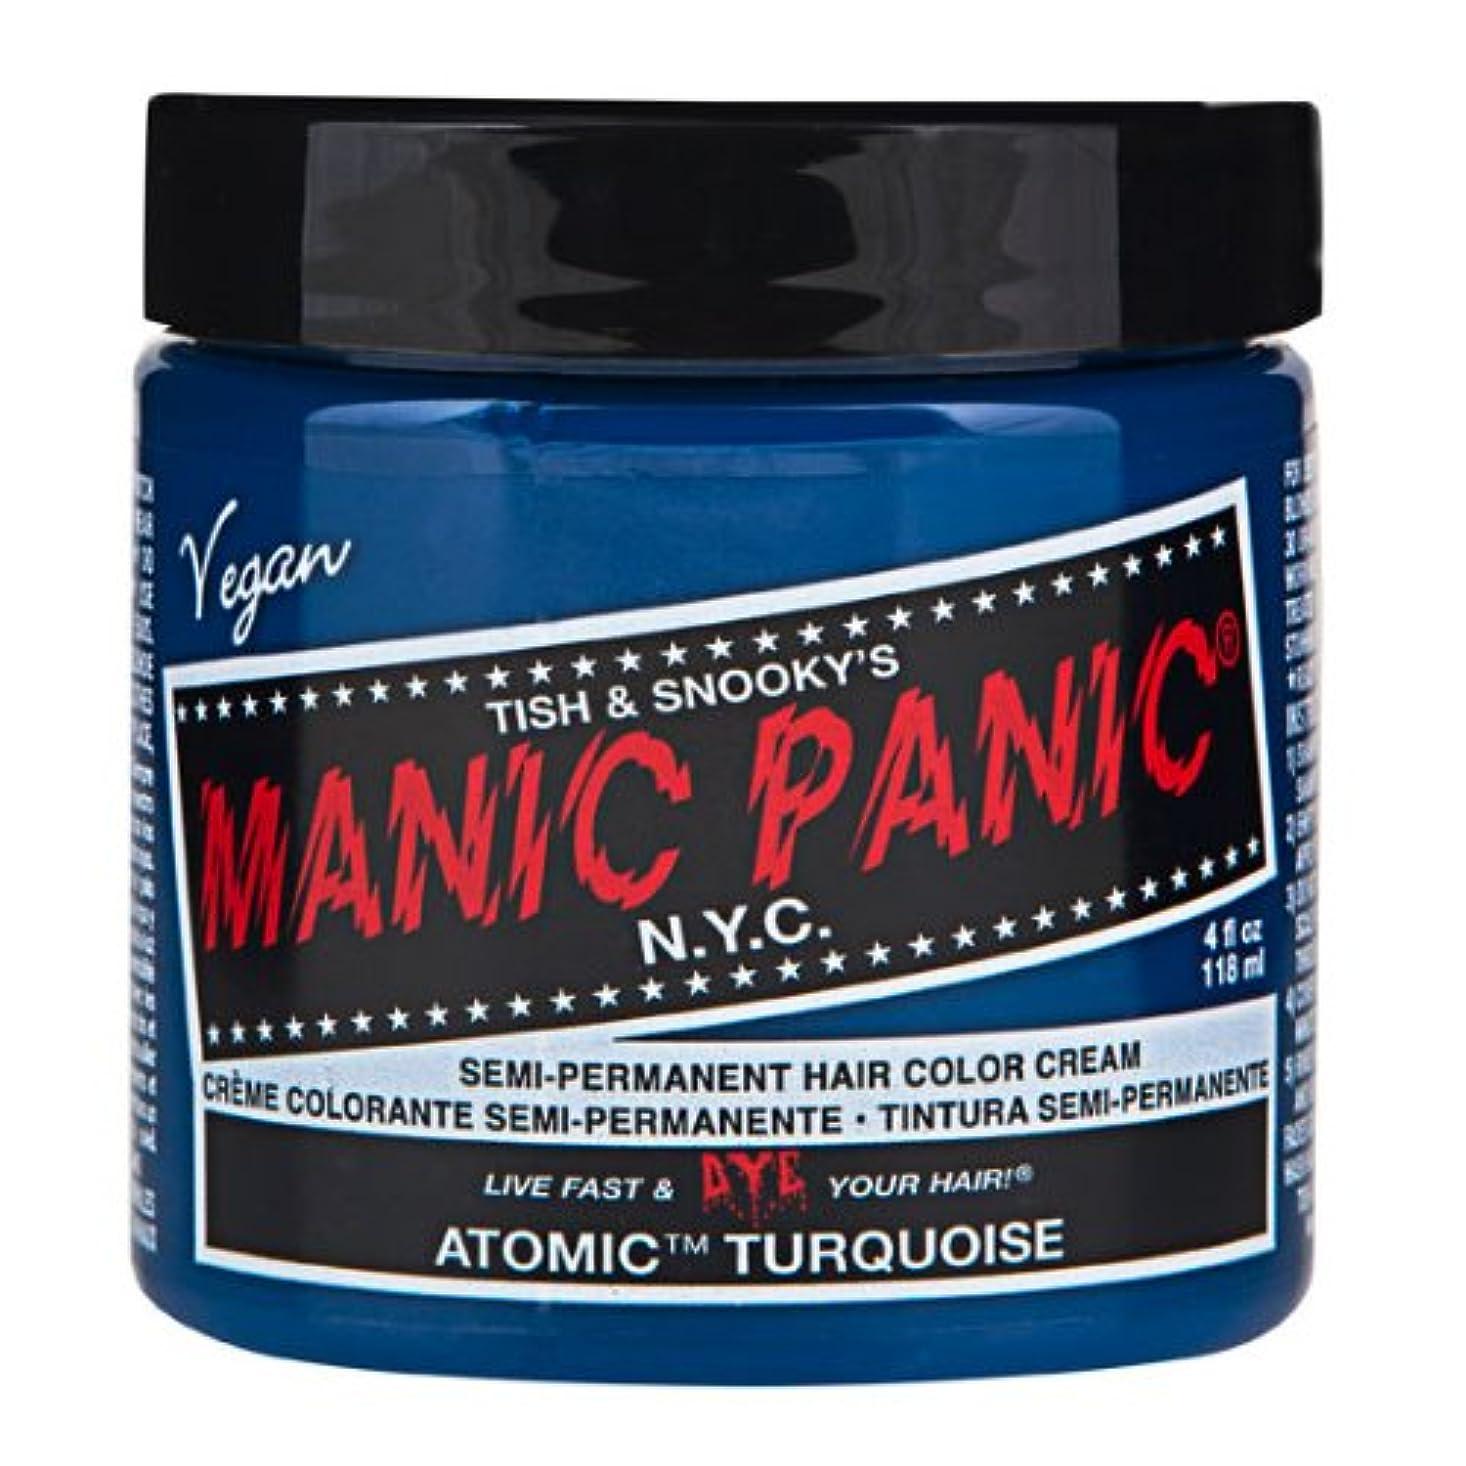 巡礼者野望通行料金スペシャルセットMANIC PANICマニックパニック:Atomic Turquoise (アトミック ターコイズ)+ヘアカラーケア4点セット